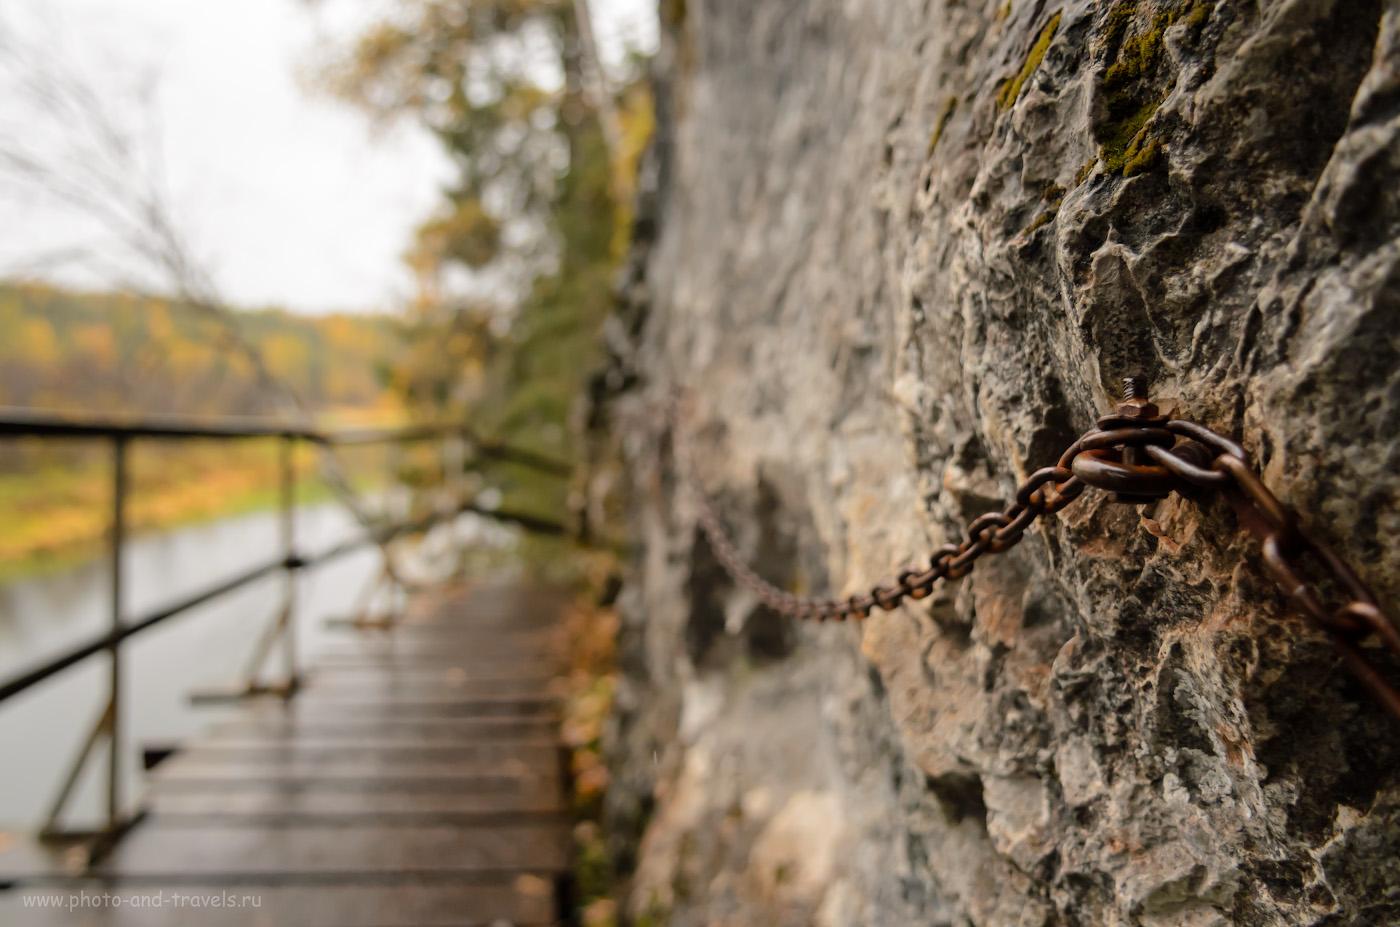 Снимок 16. Цепь у скалы... Почувствуй себя Прометеем... Походы выходного дня по интересным местам Свердловской области. 1/1000, 3.2, 640, -1, 17.